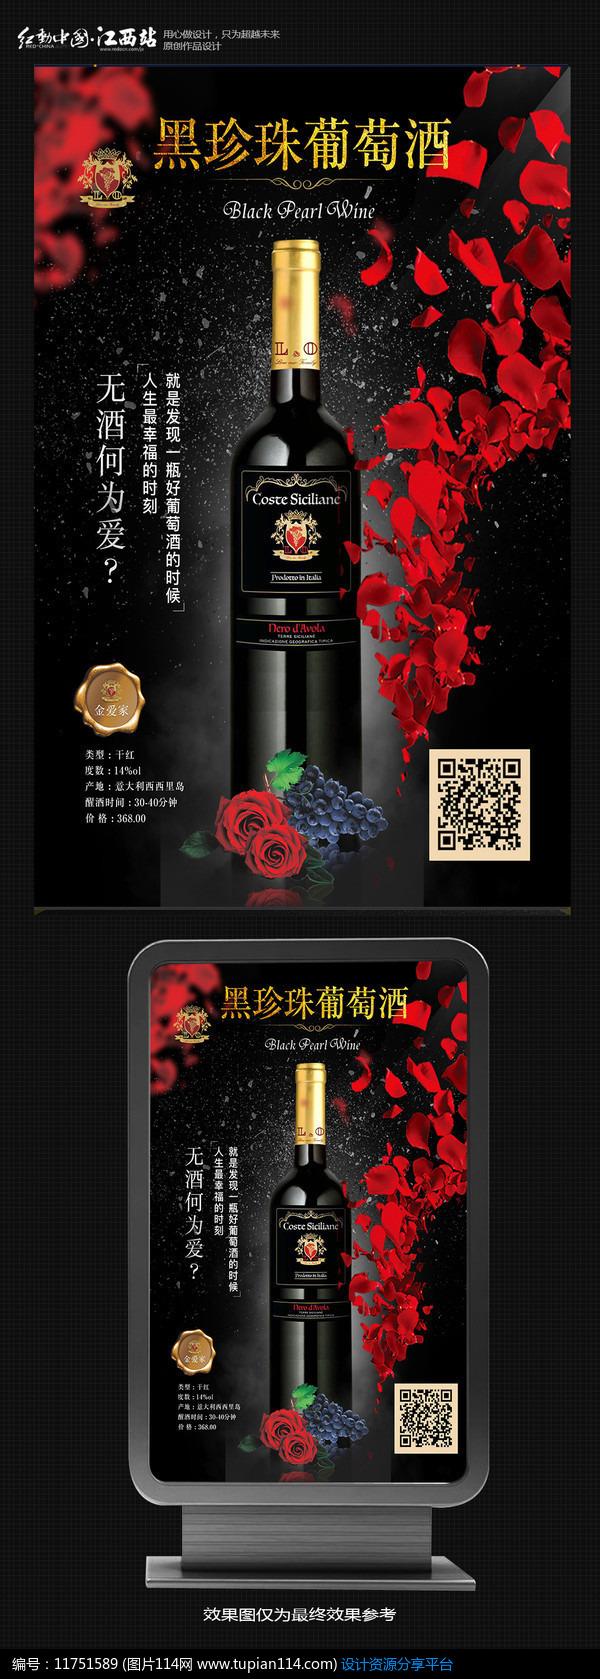 大气红酒海报设计素材免费下载_海报设计cdr_图片114